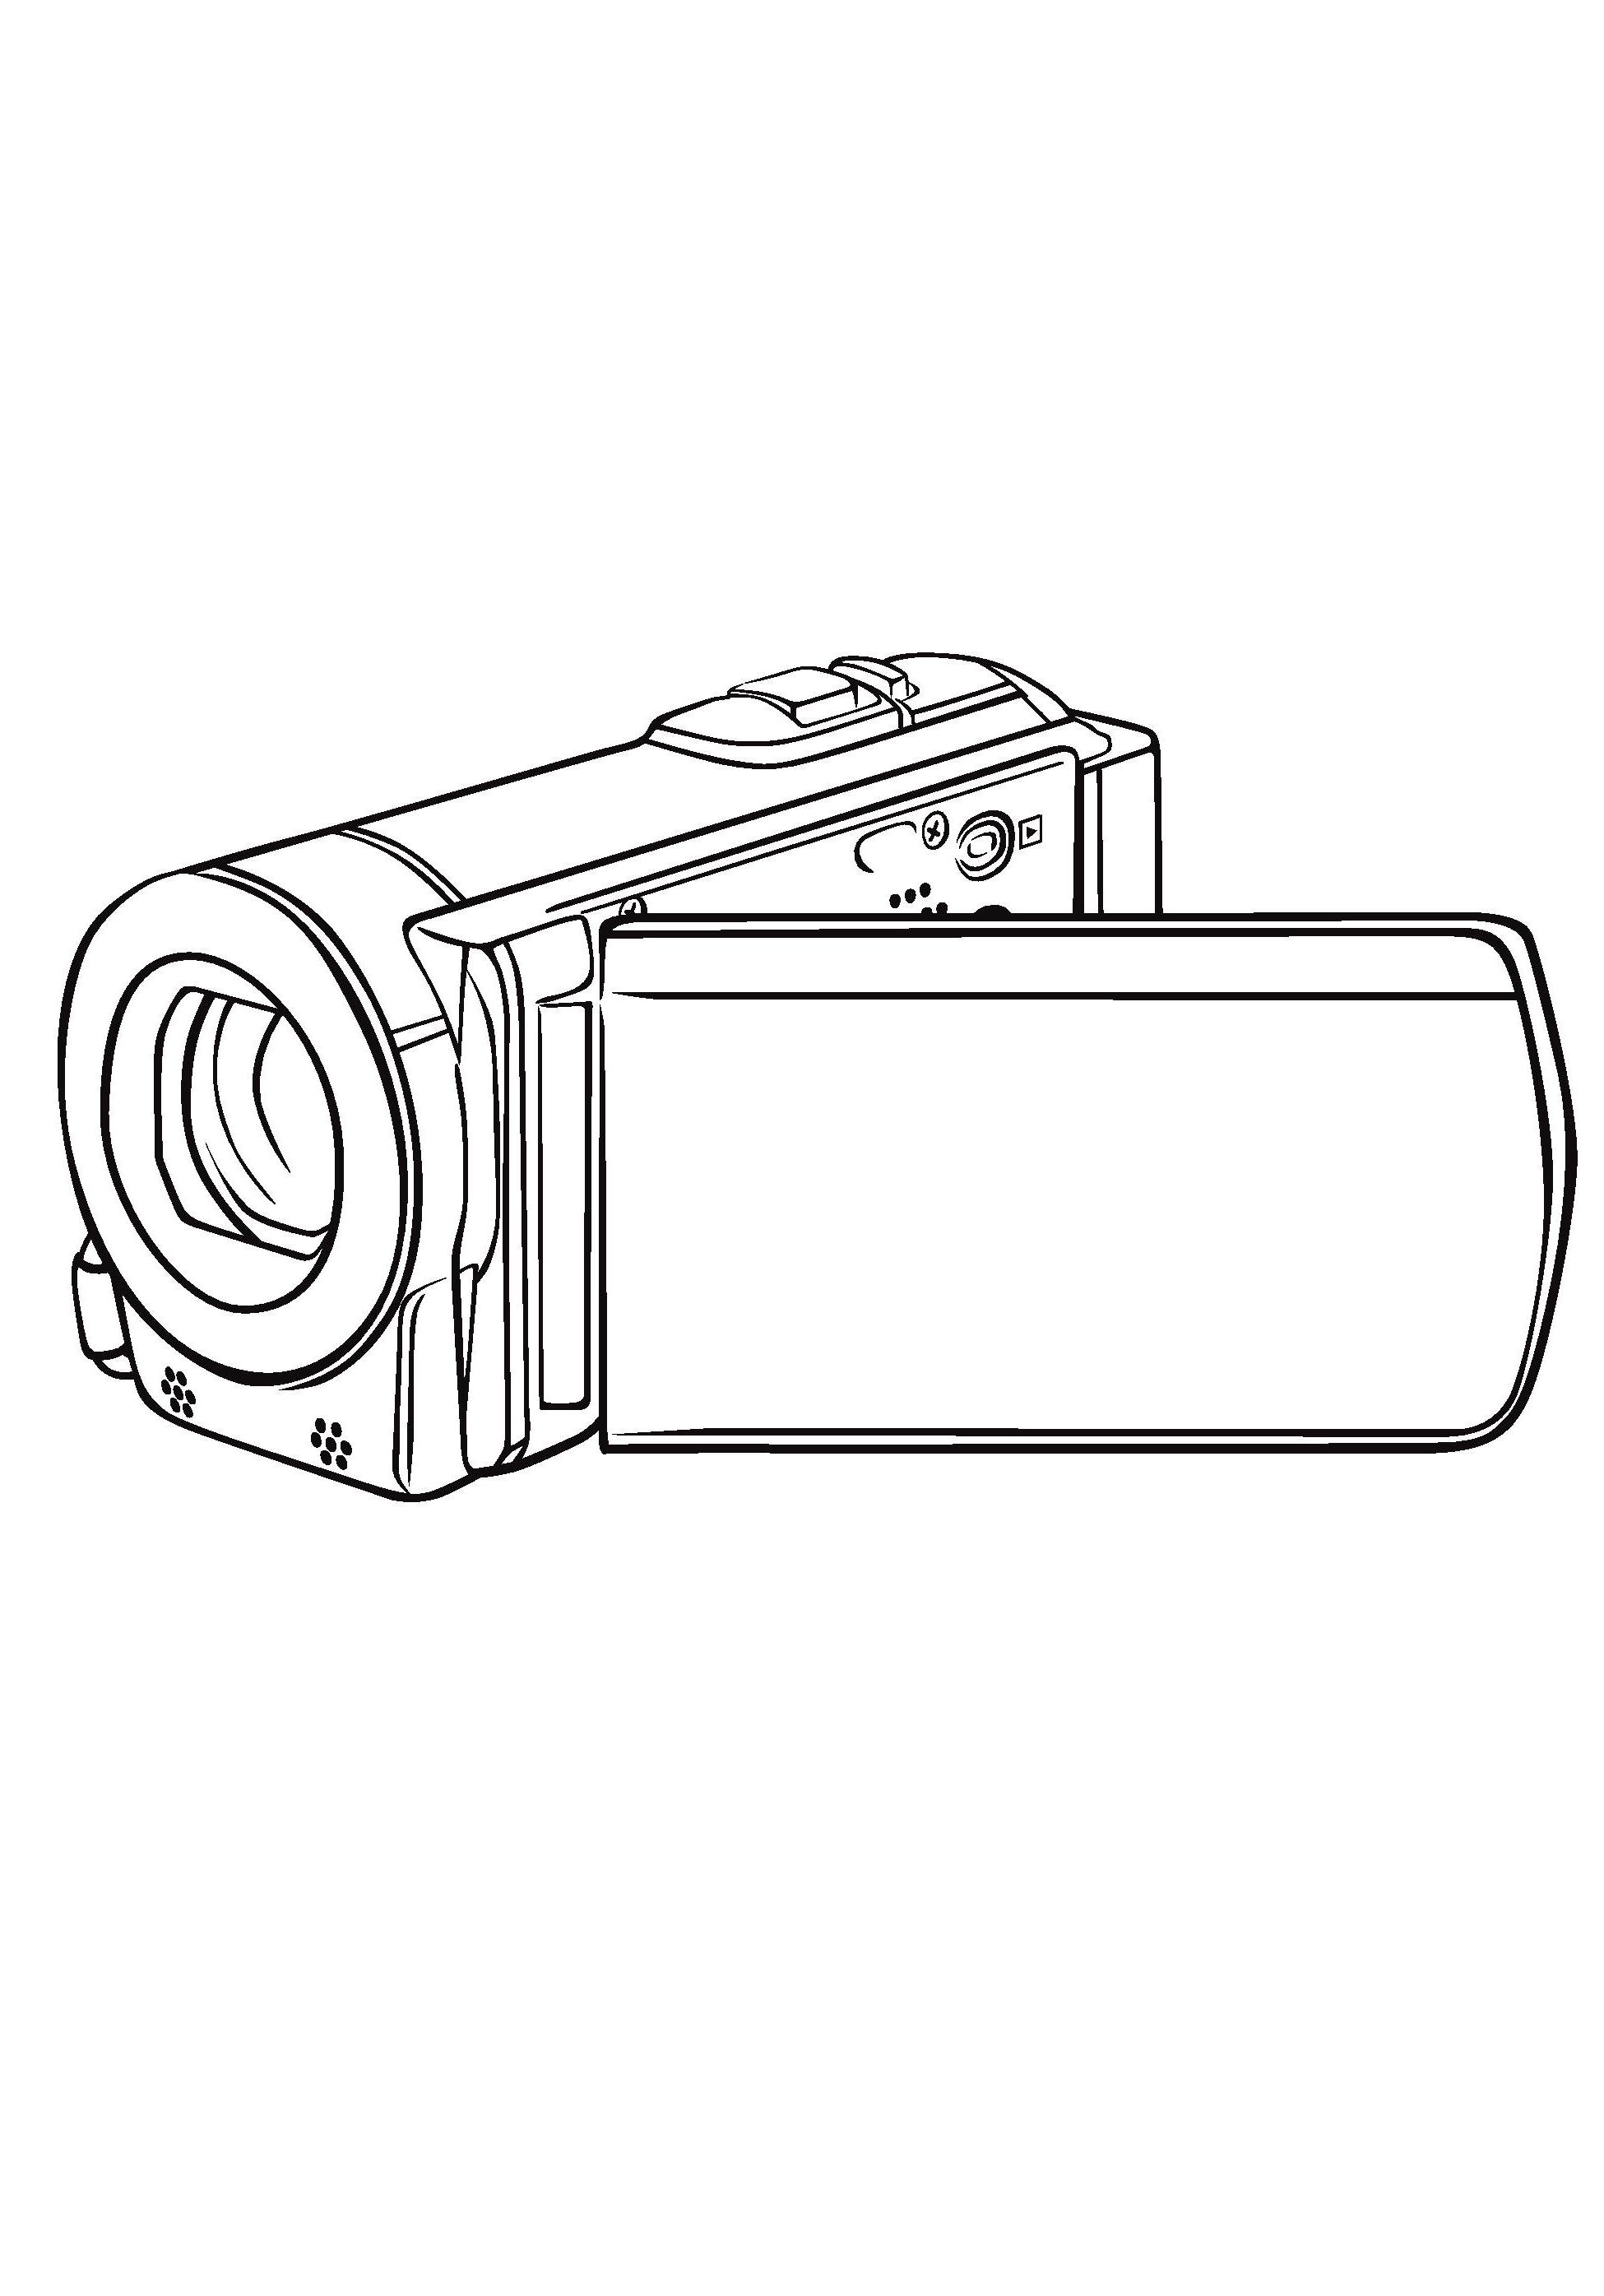 черно белый фотоаппарат распечатки совмещенного санузла зависит